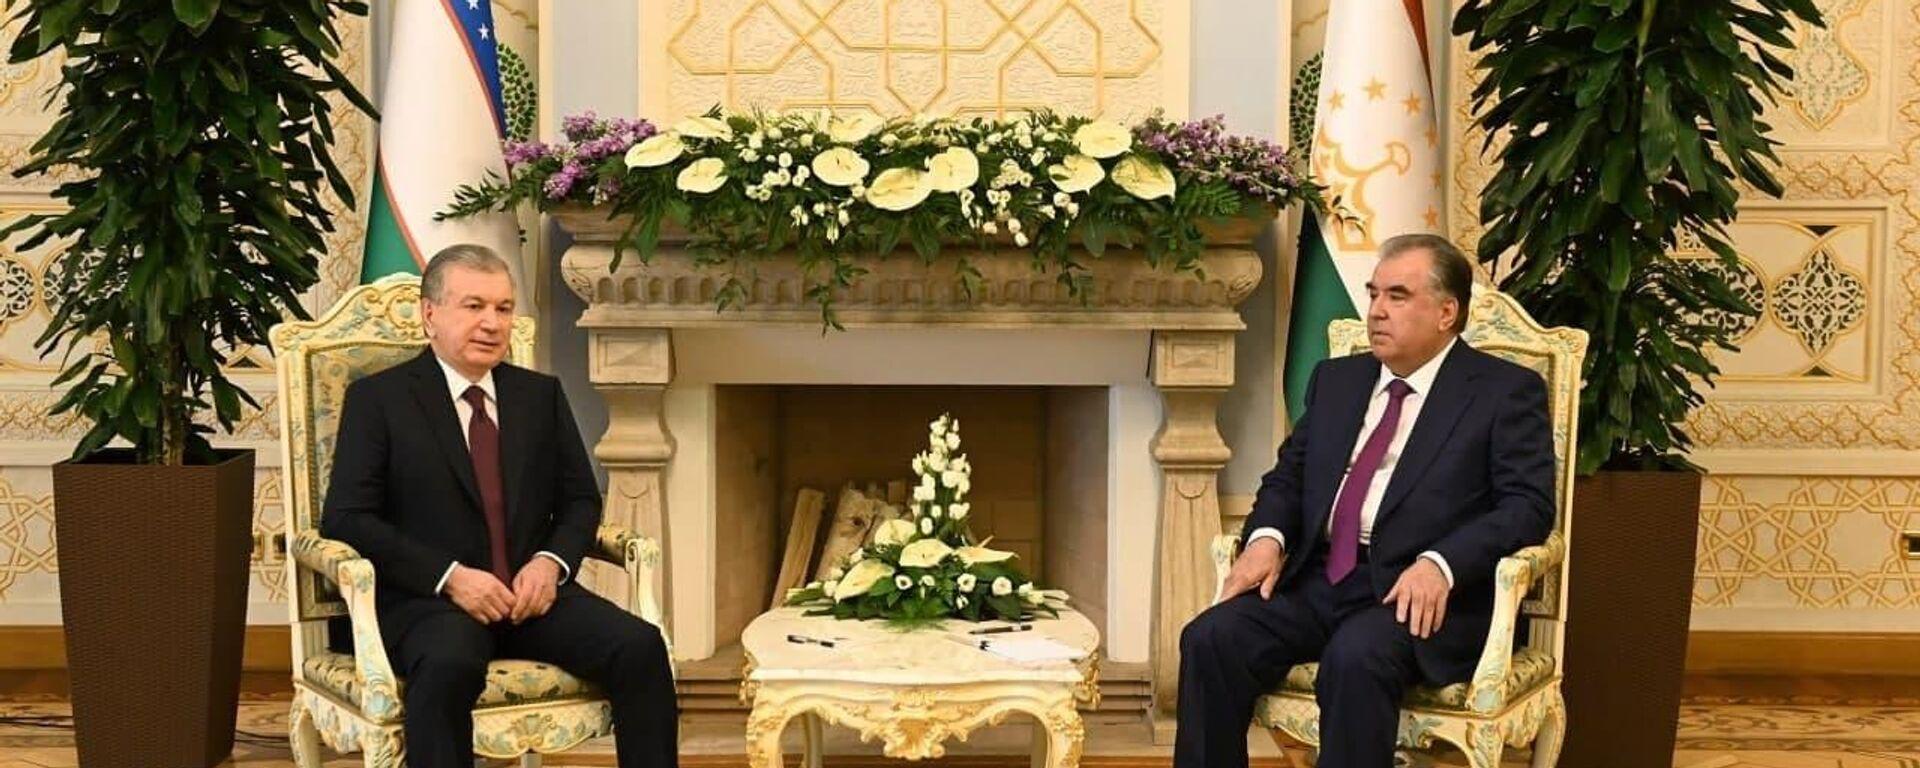 Президент Республики Узбекистан Шавкат Мирзиёев прибыл с официальным визитом в Республику Таджикистан - Sputnik Таджикистан, 1920, 10.06.2021